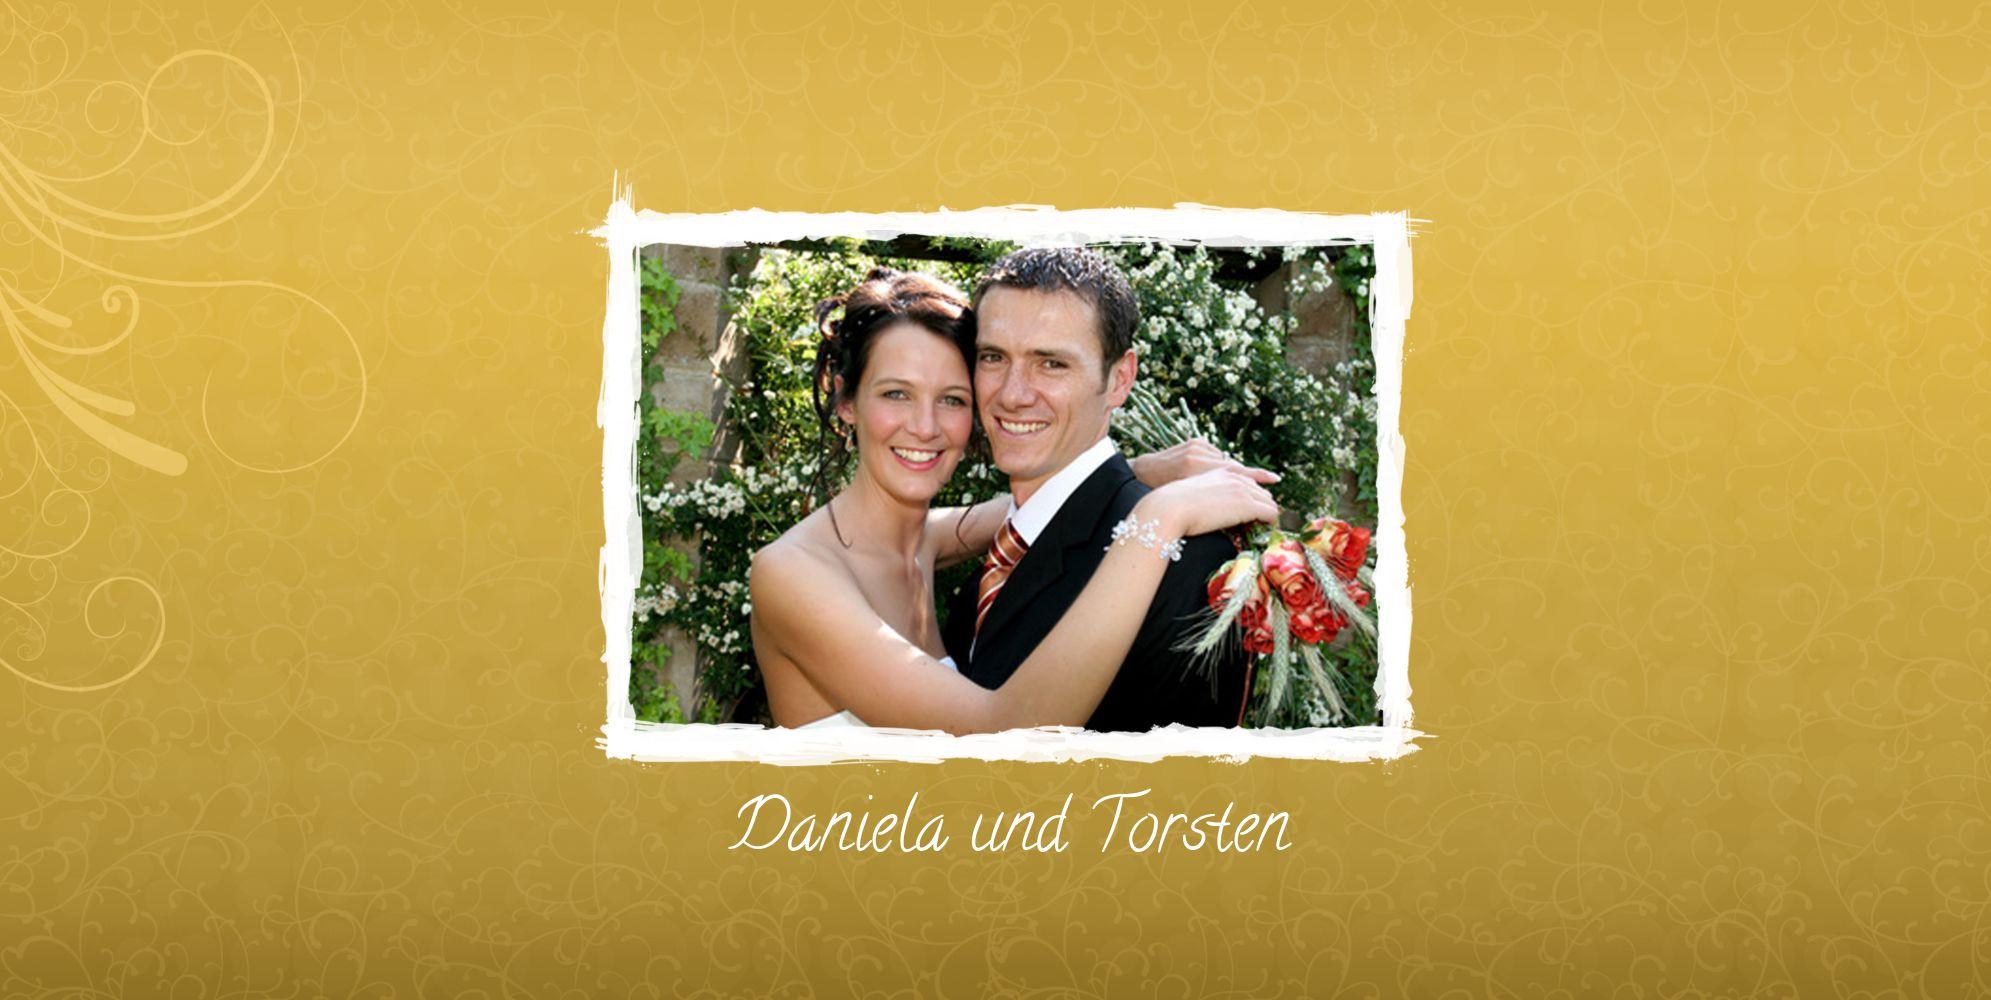 Ansicht 4 - Hochzeit Danke Din Liebeswunder